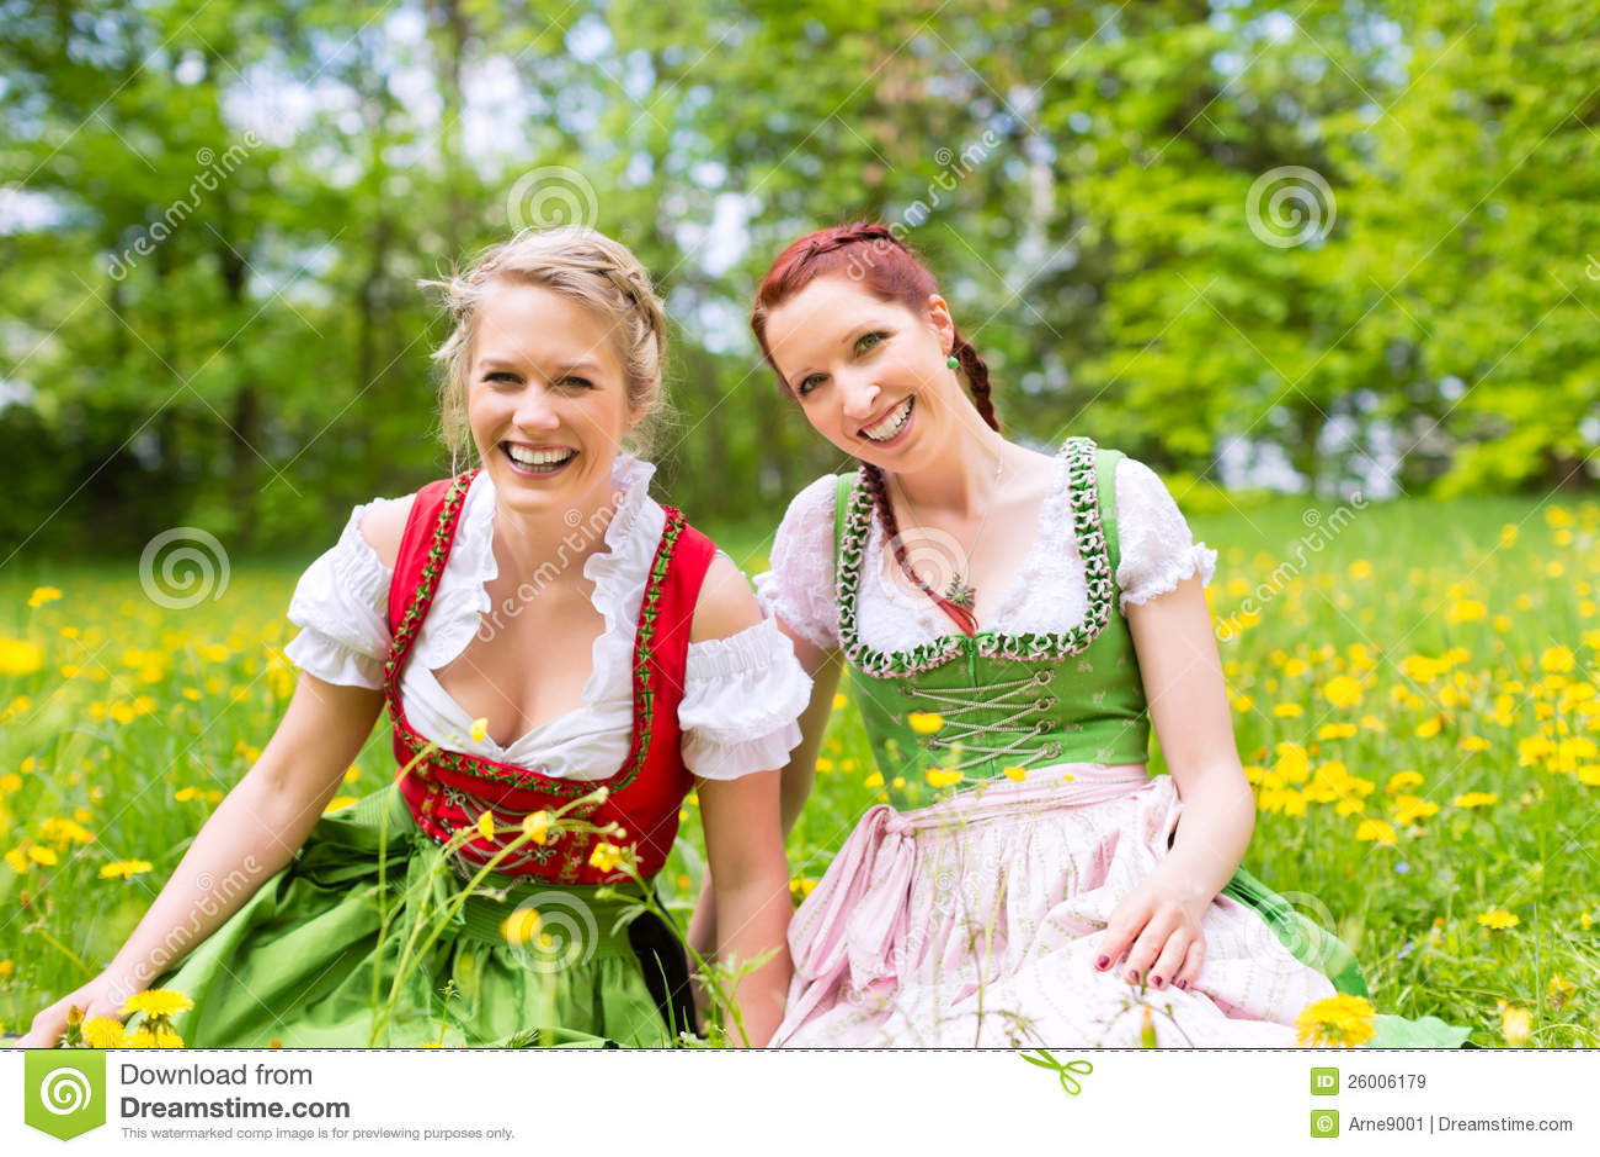 Mulheres na roupa ou no dirndl bávaro em um prado